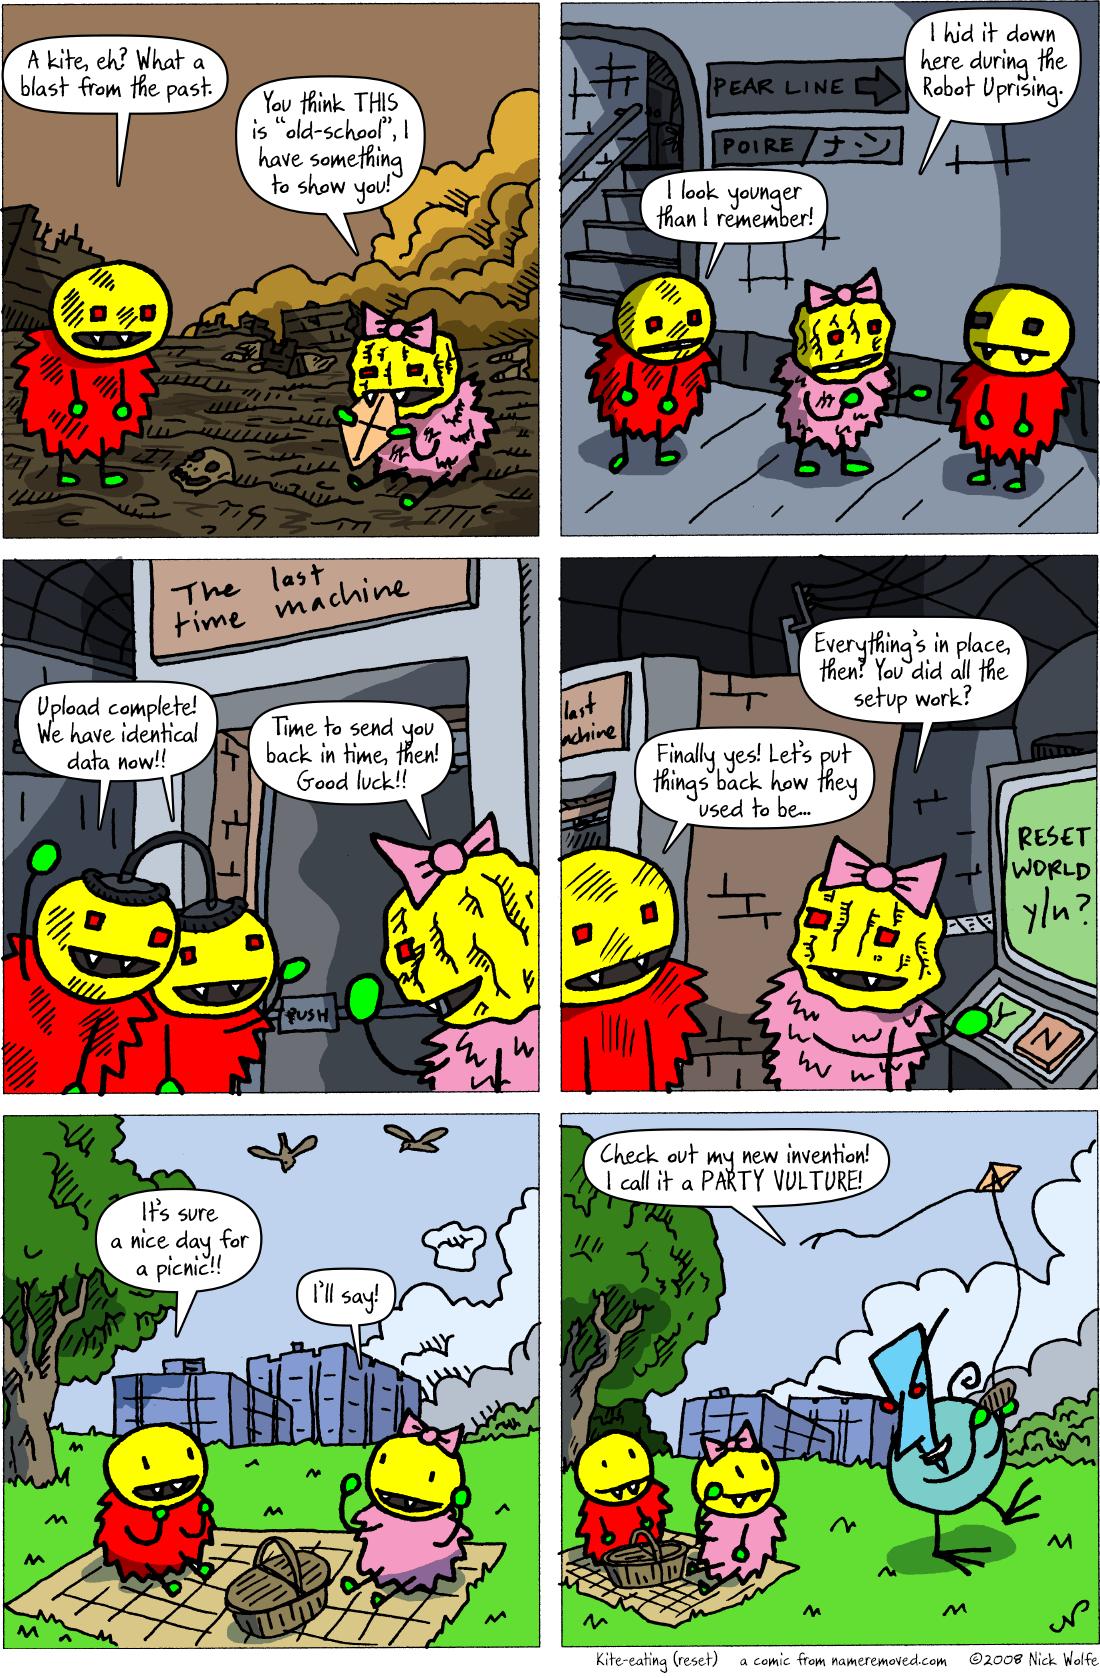 Kite-eating (reset)